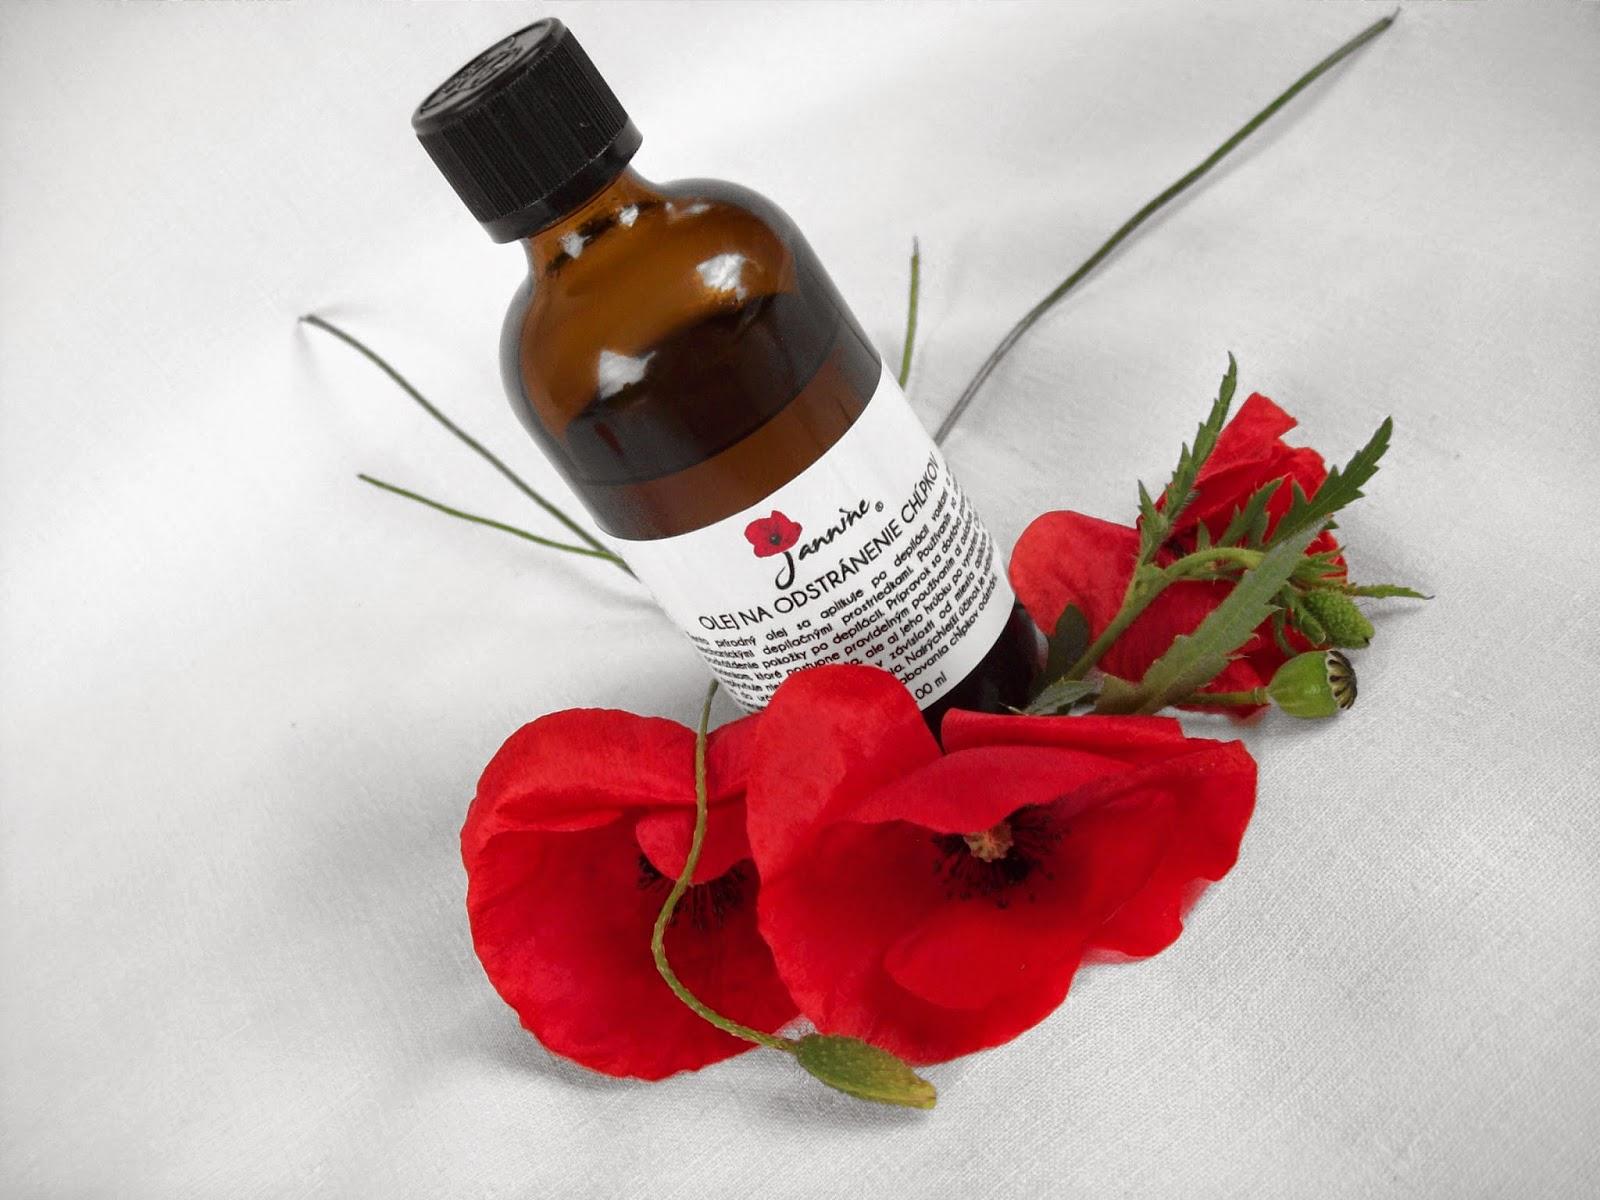 Olej na odstránenie chĺpkov značky Jannine je prírodný olej bez obsahu akejkoľvek syntetickej látky balený v lekárenských fľaštičkých s bezpečnostným uzáverom.